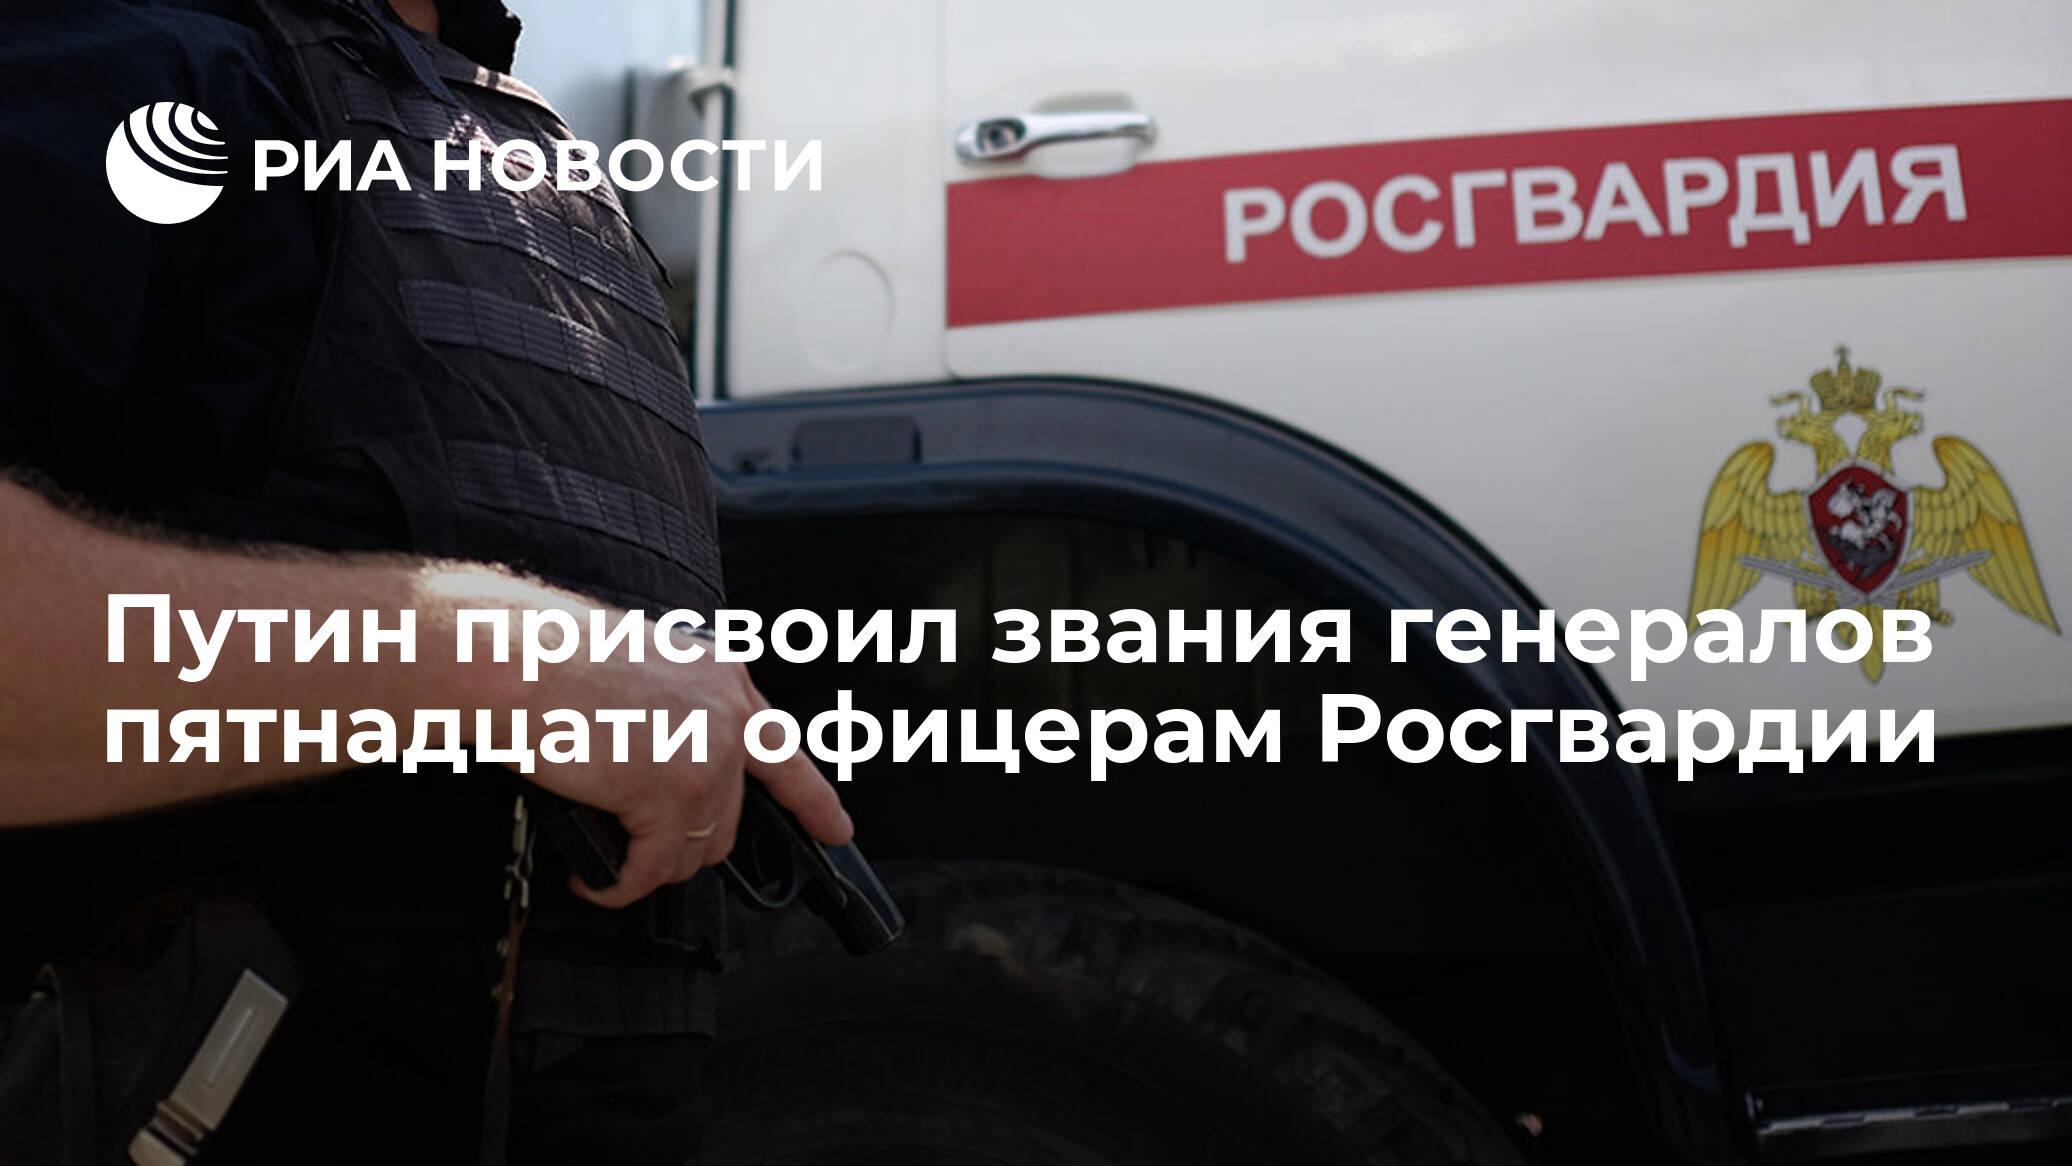 Путин присвоил звания генералов пятнадцати офицерам Росгвардии